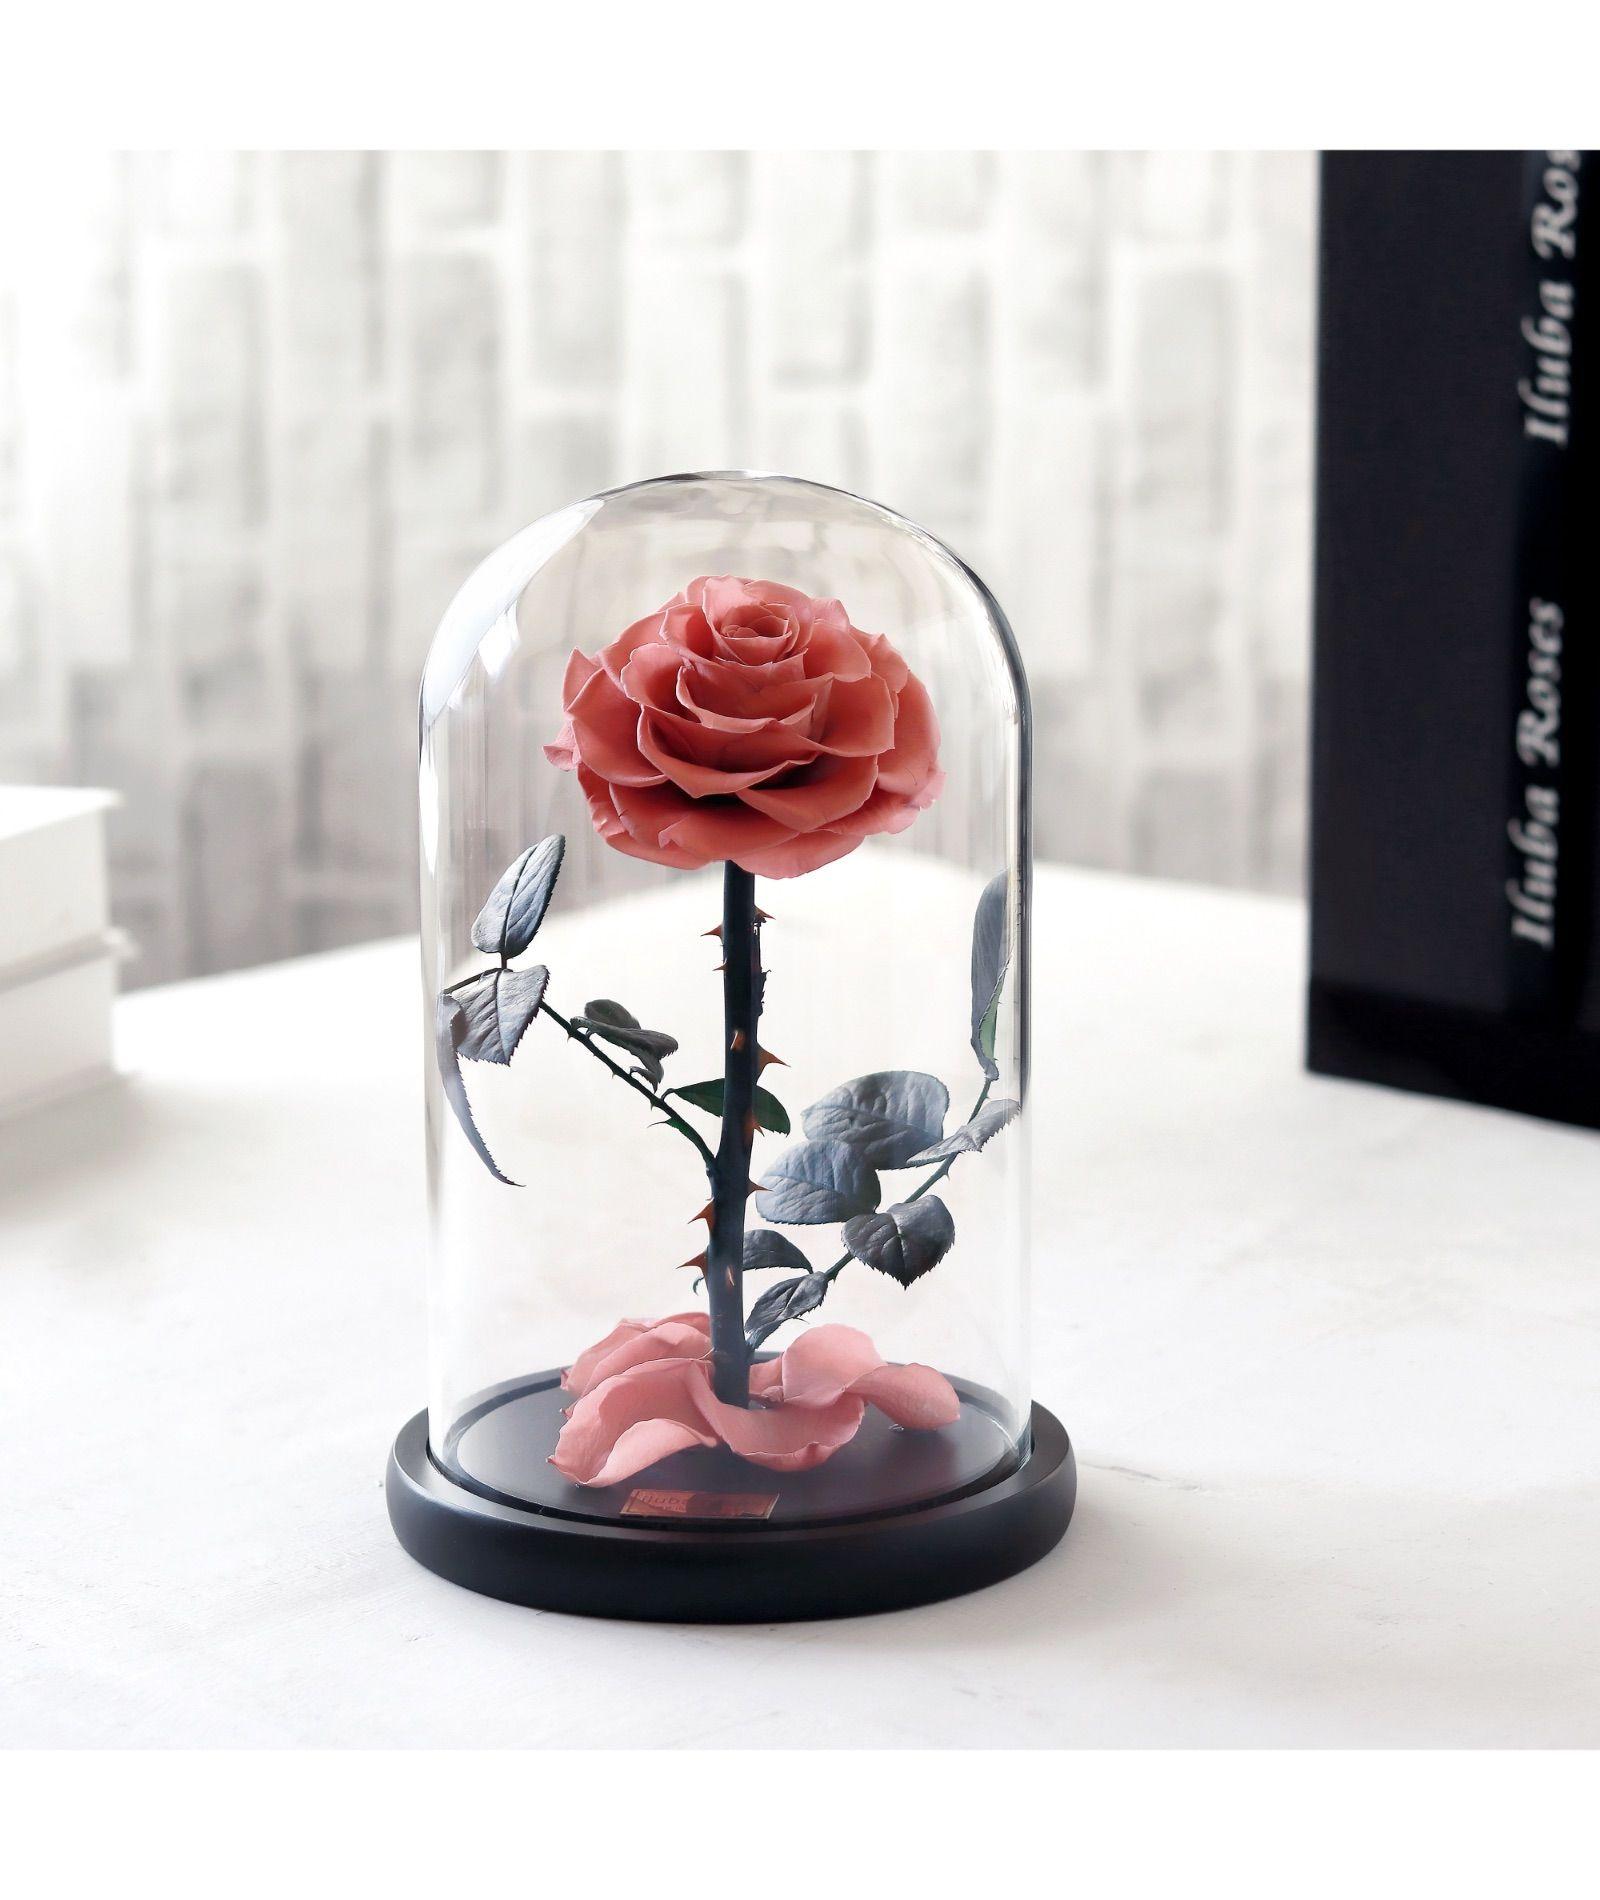 وردة ايلوبا روز لون بانتوني داخل فازة زجاجية Rose Snow Globes All Things